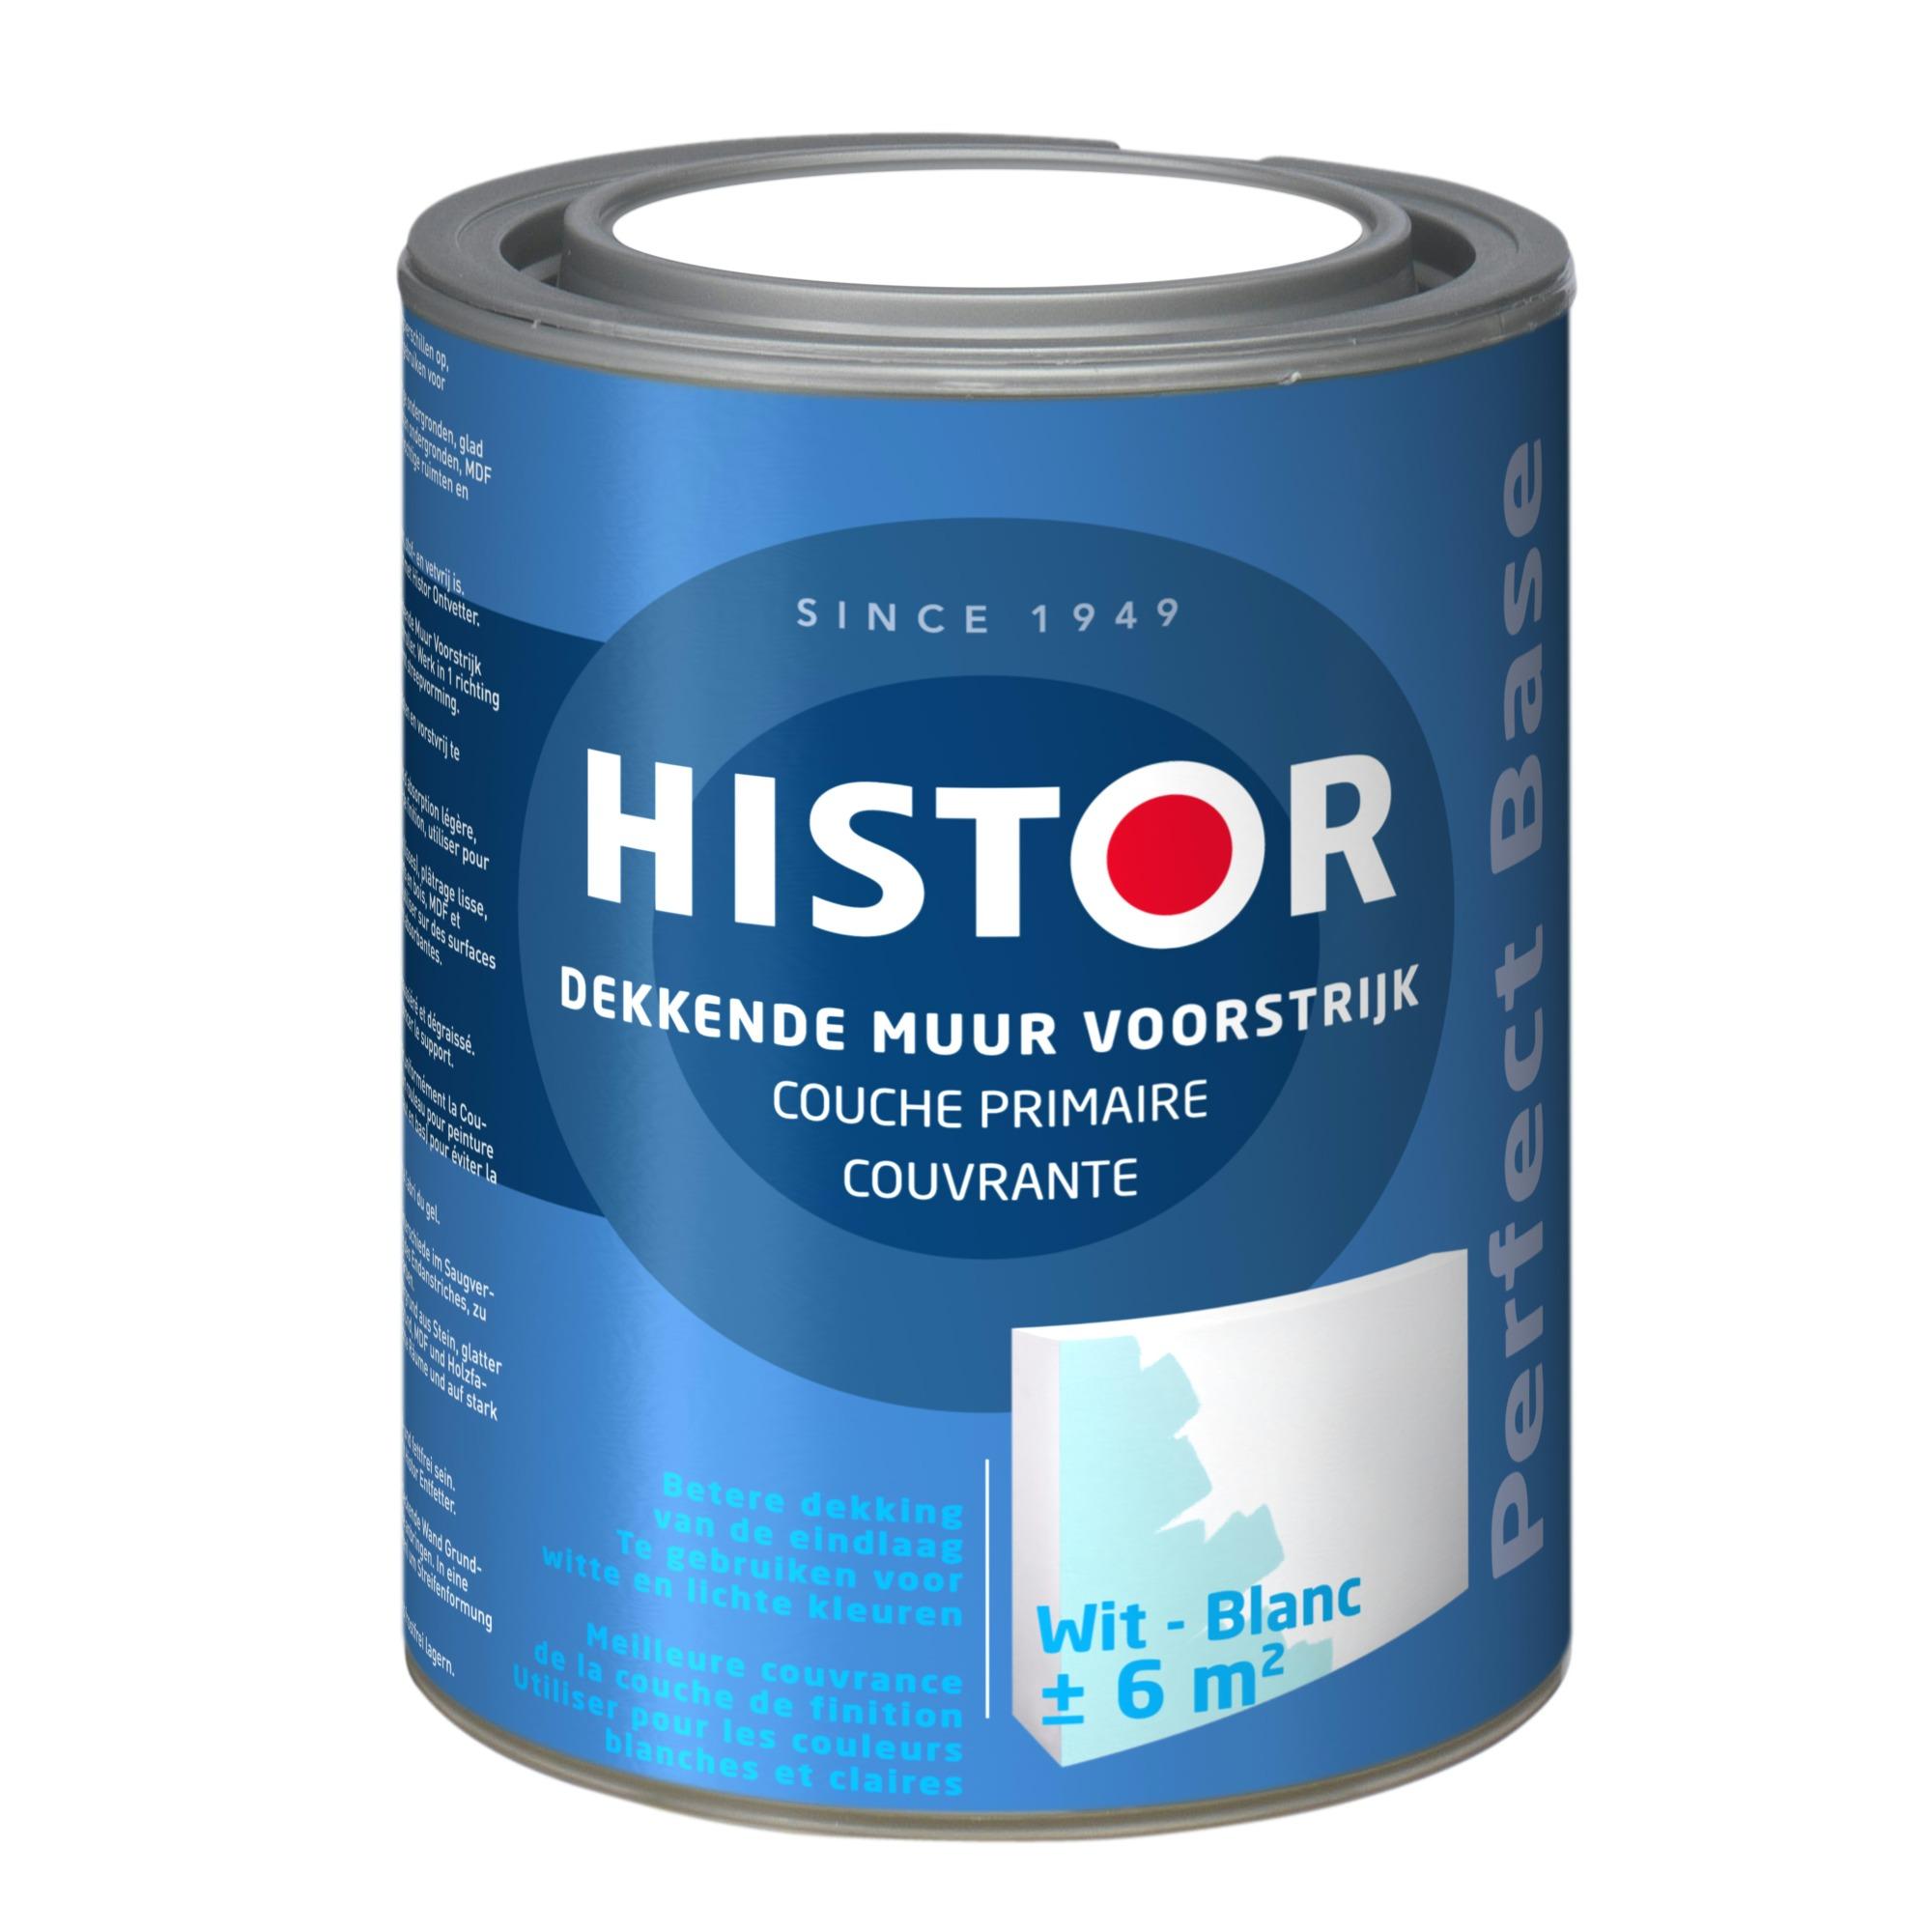 Histor muur voorstrijk dekkend (1 liter)